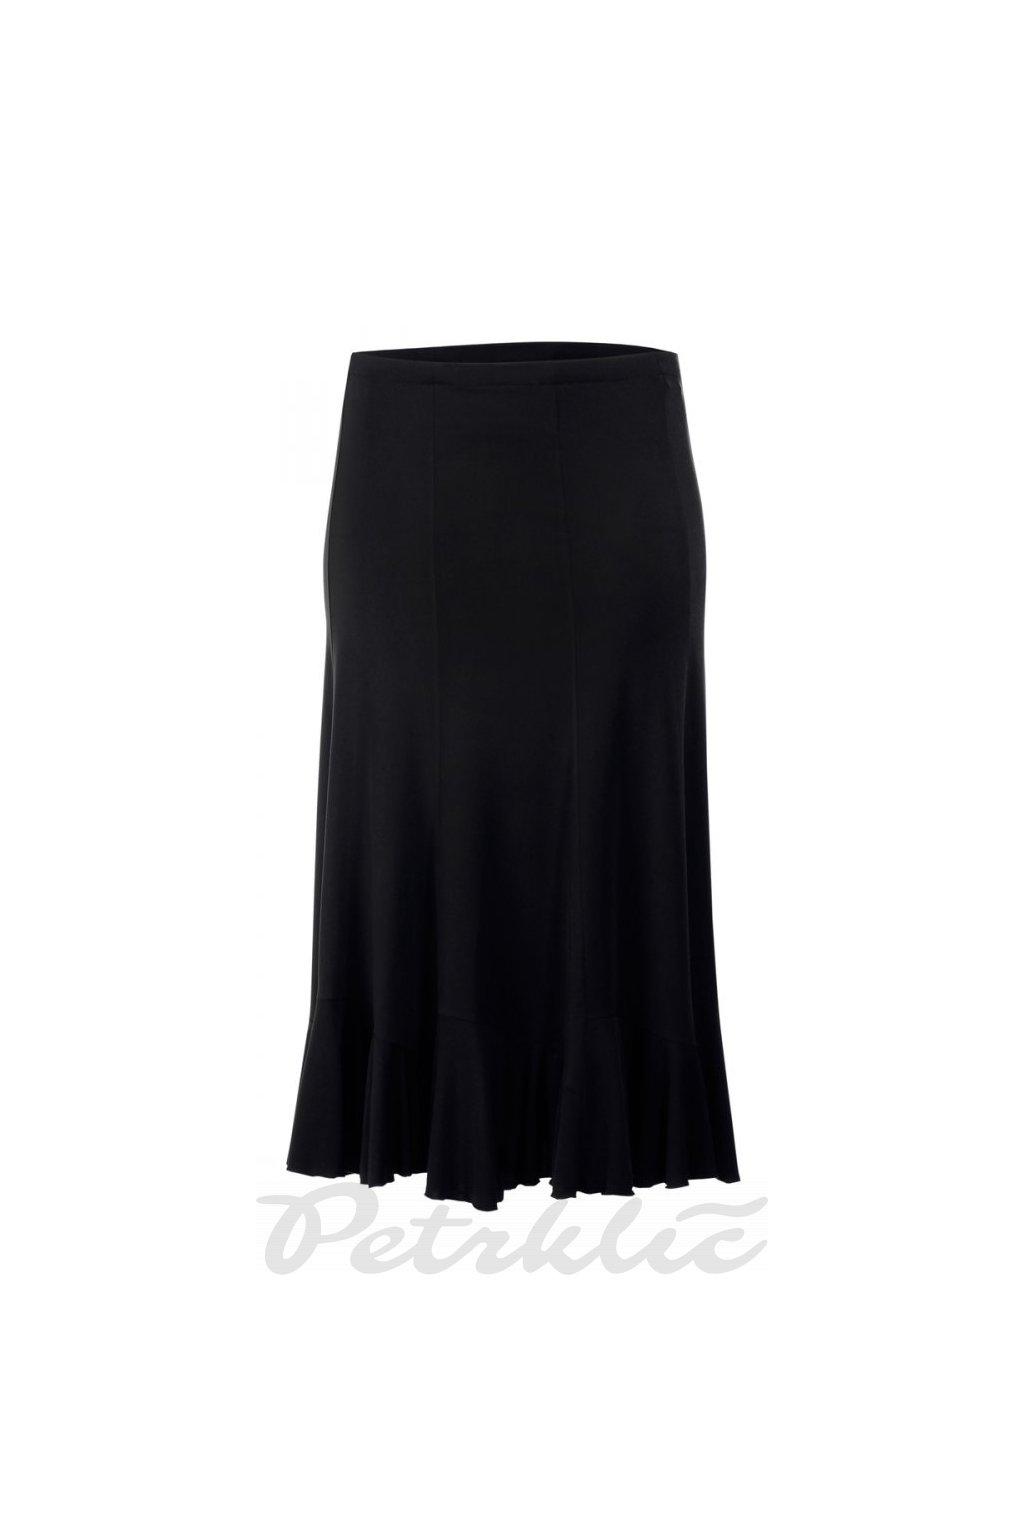 LOTA sukně 90 - 95